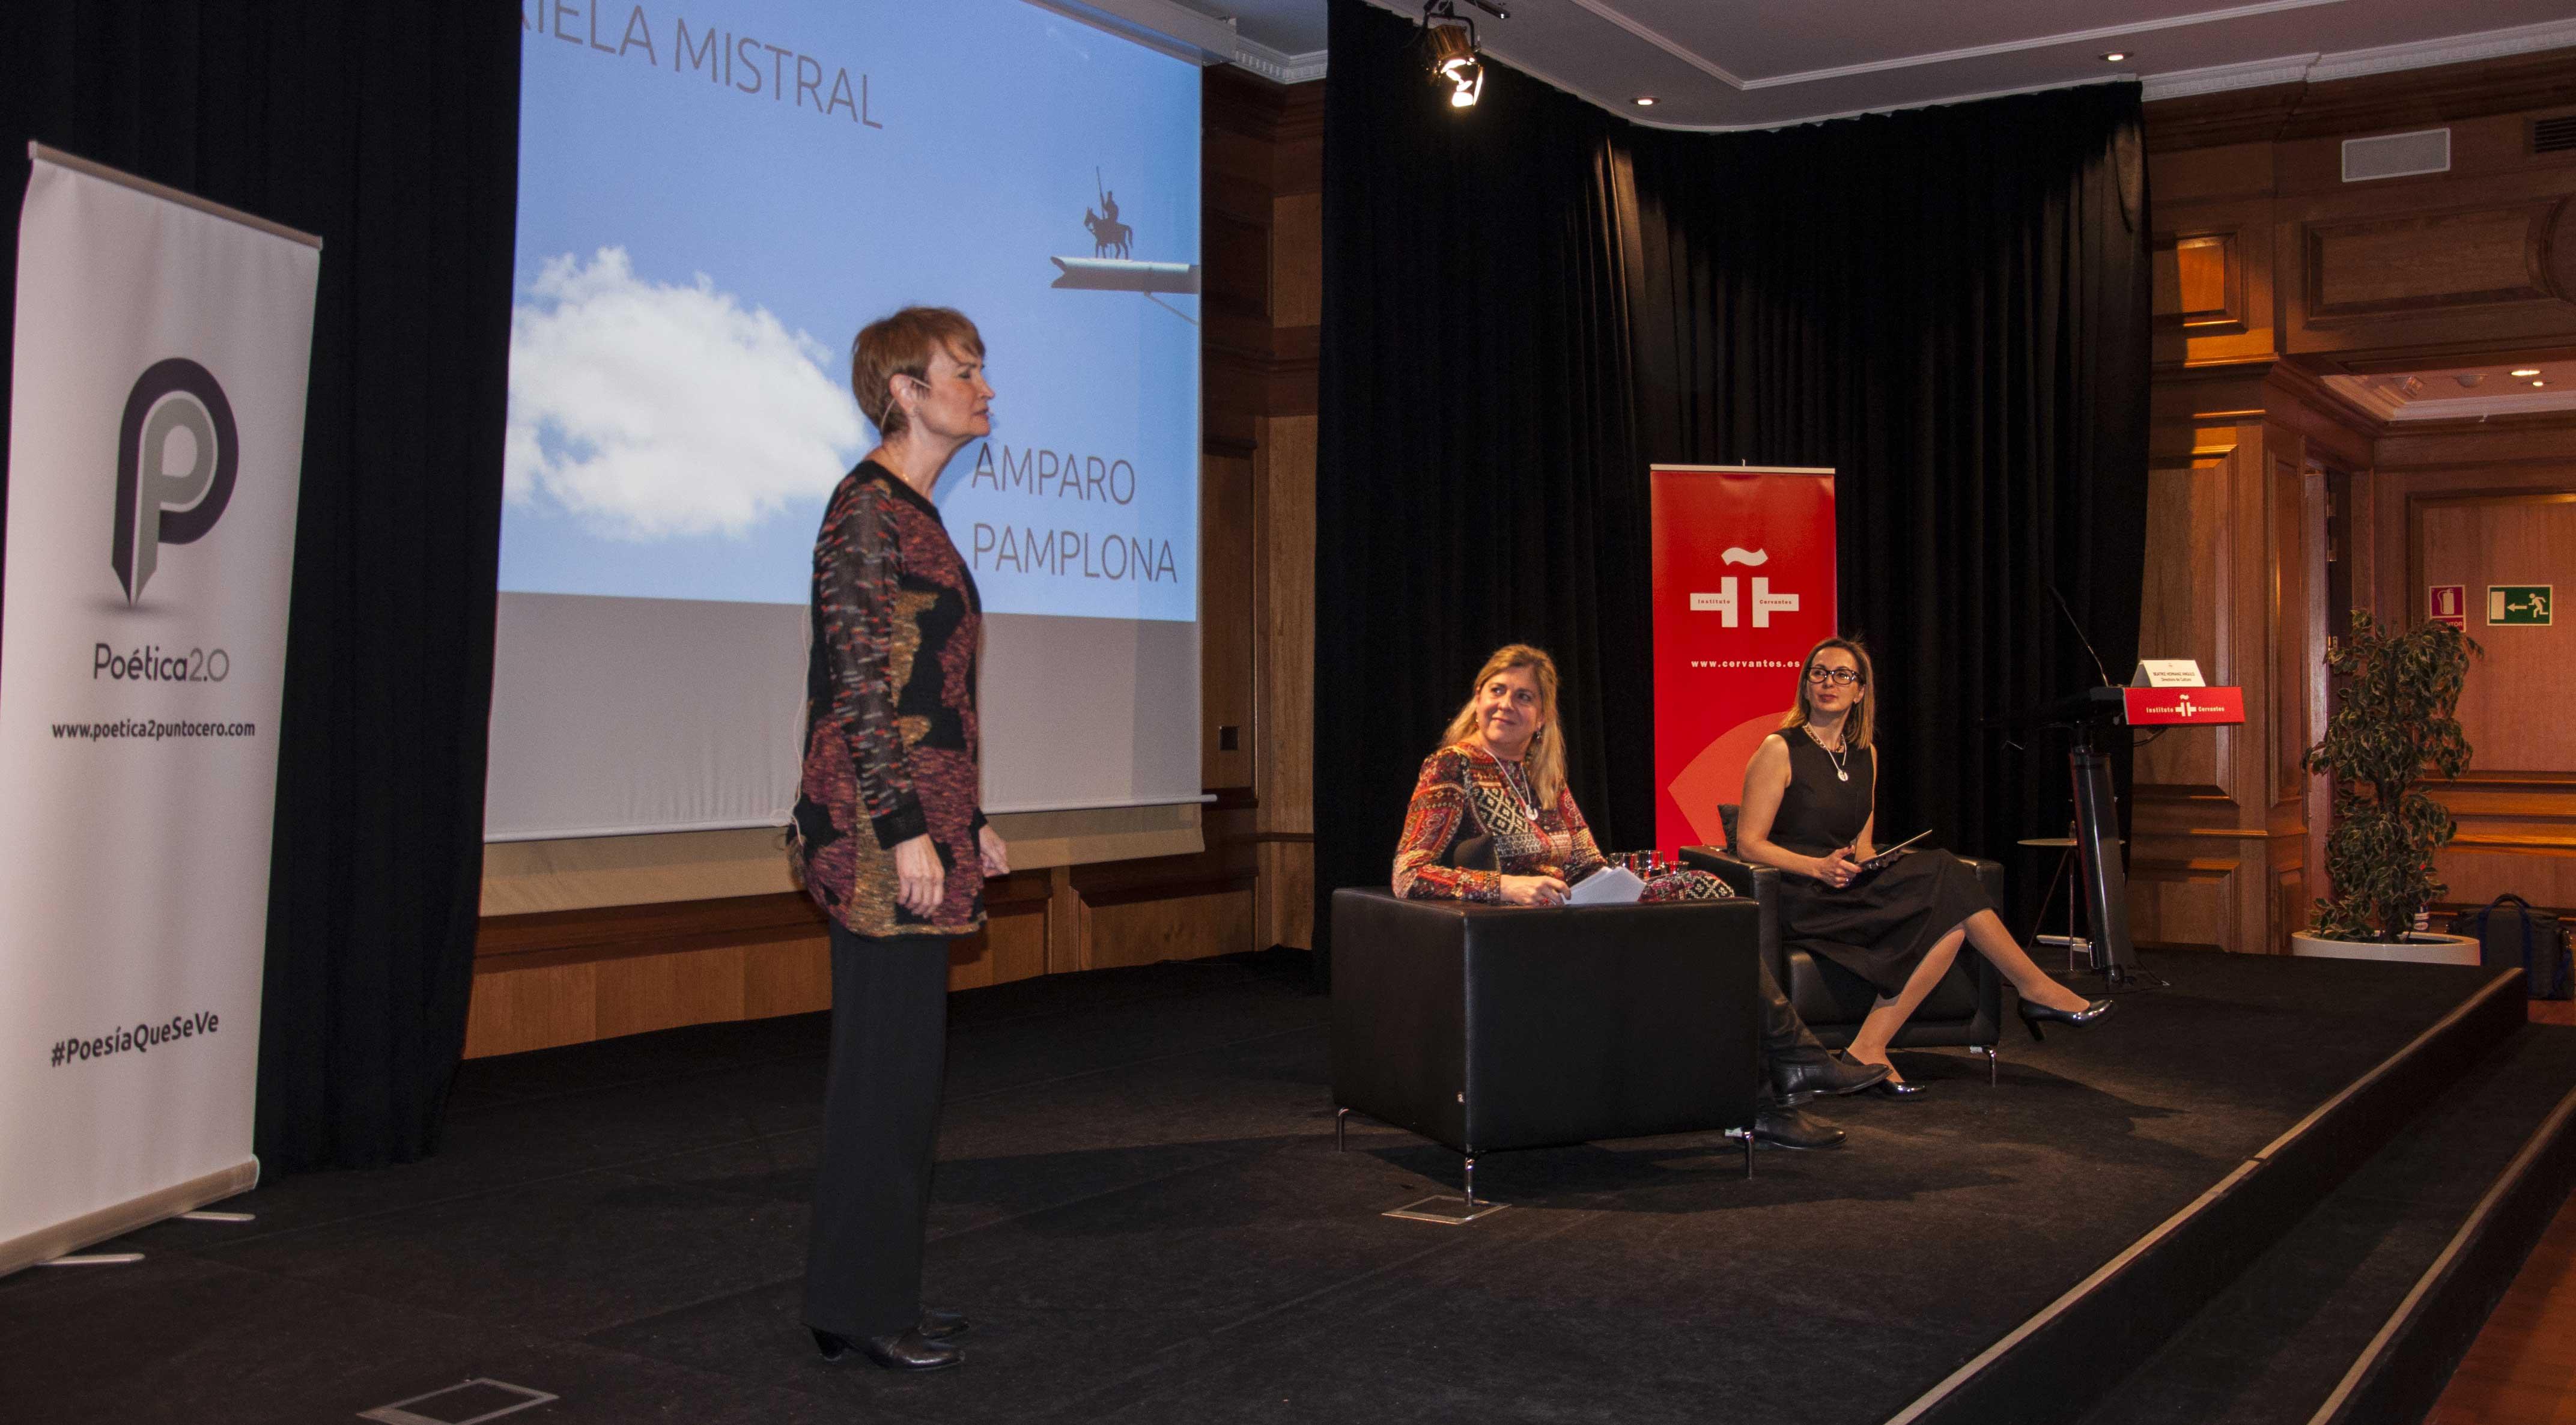 Amparo Pamplona durante su interpretación del poema 'El ruego' de Gabriela Mistral.